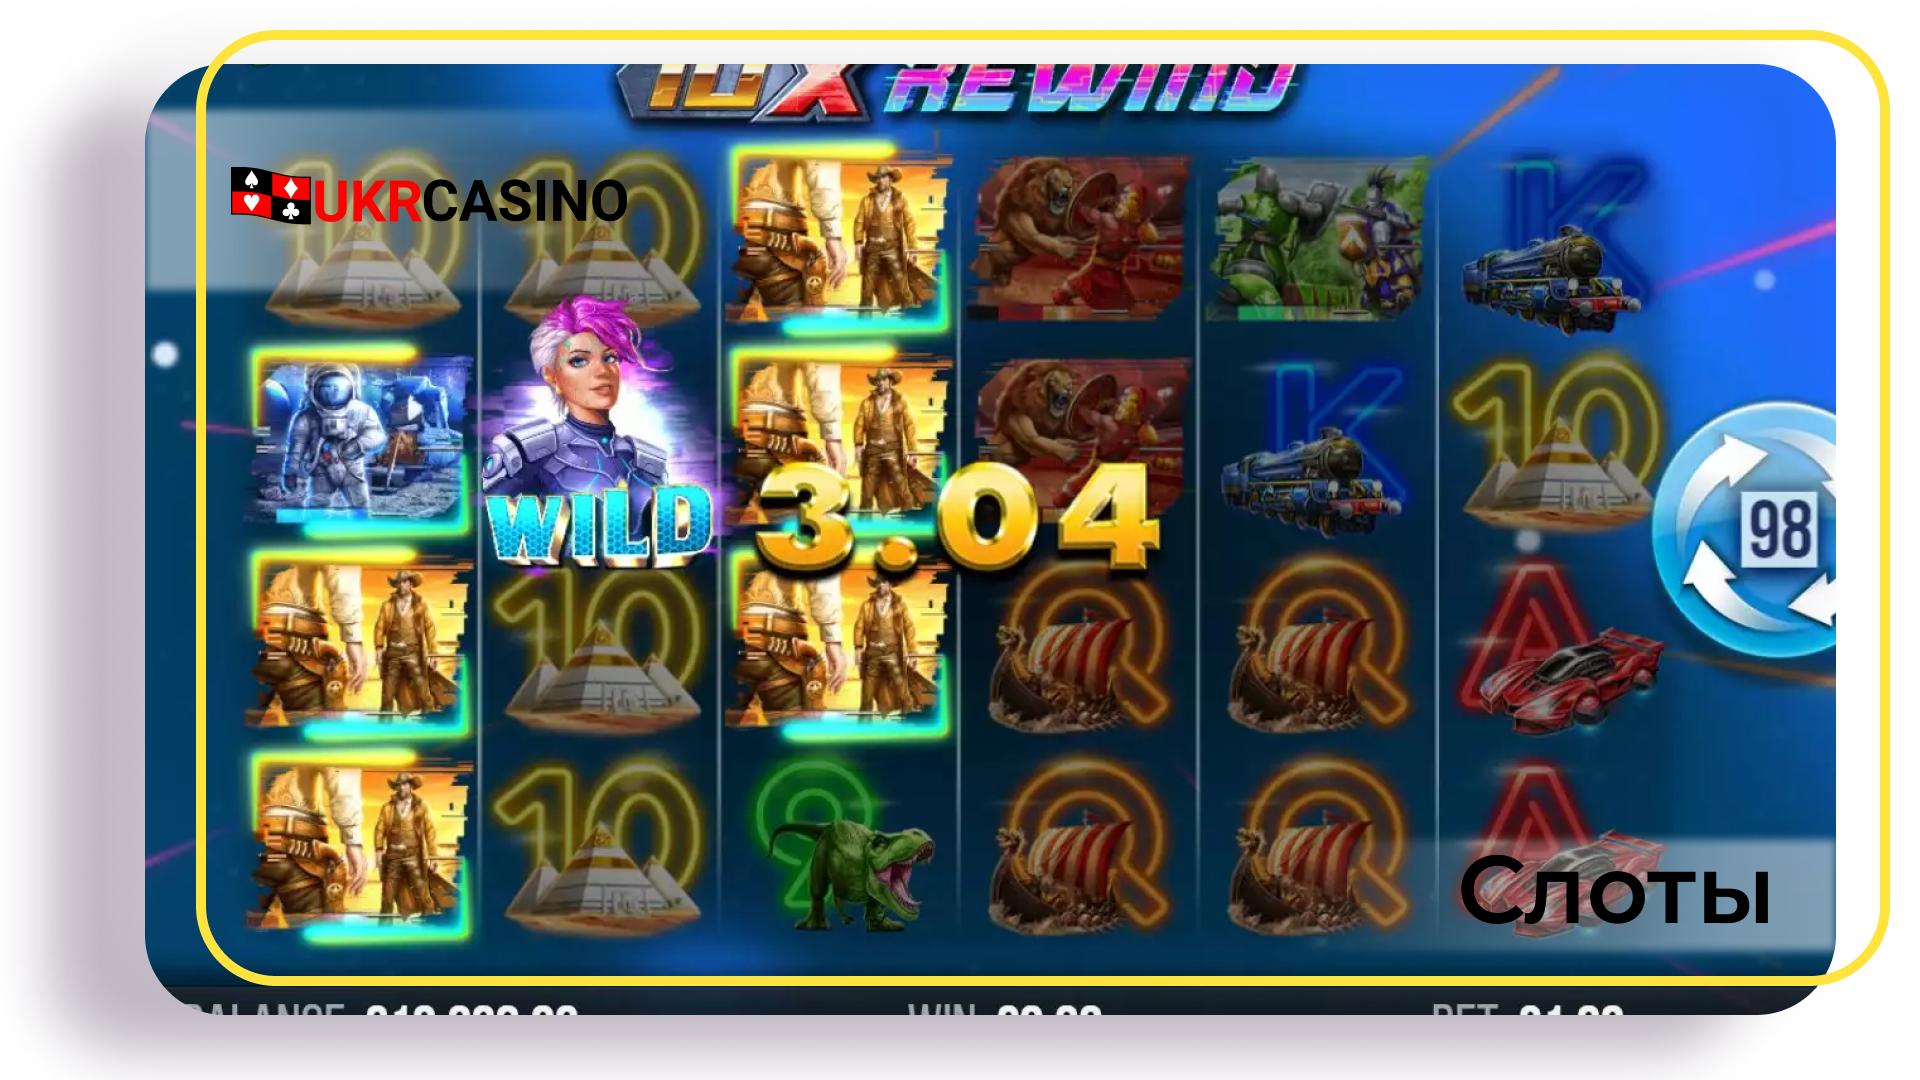 10x Rewind - Yggdrasil Gaming